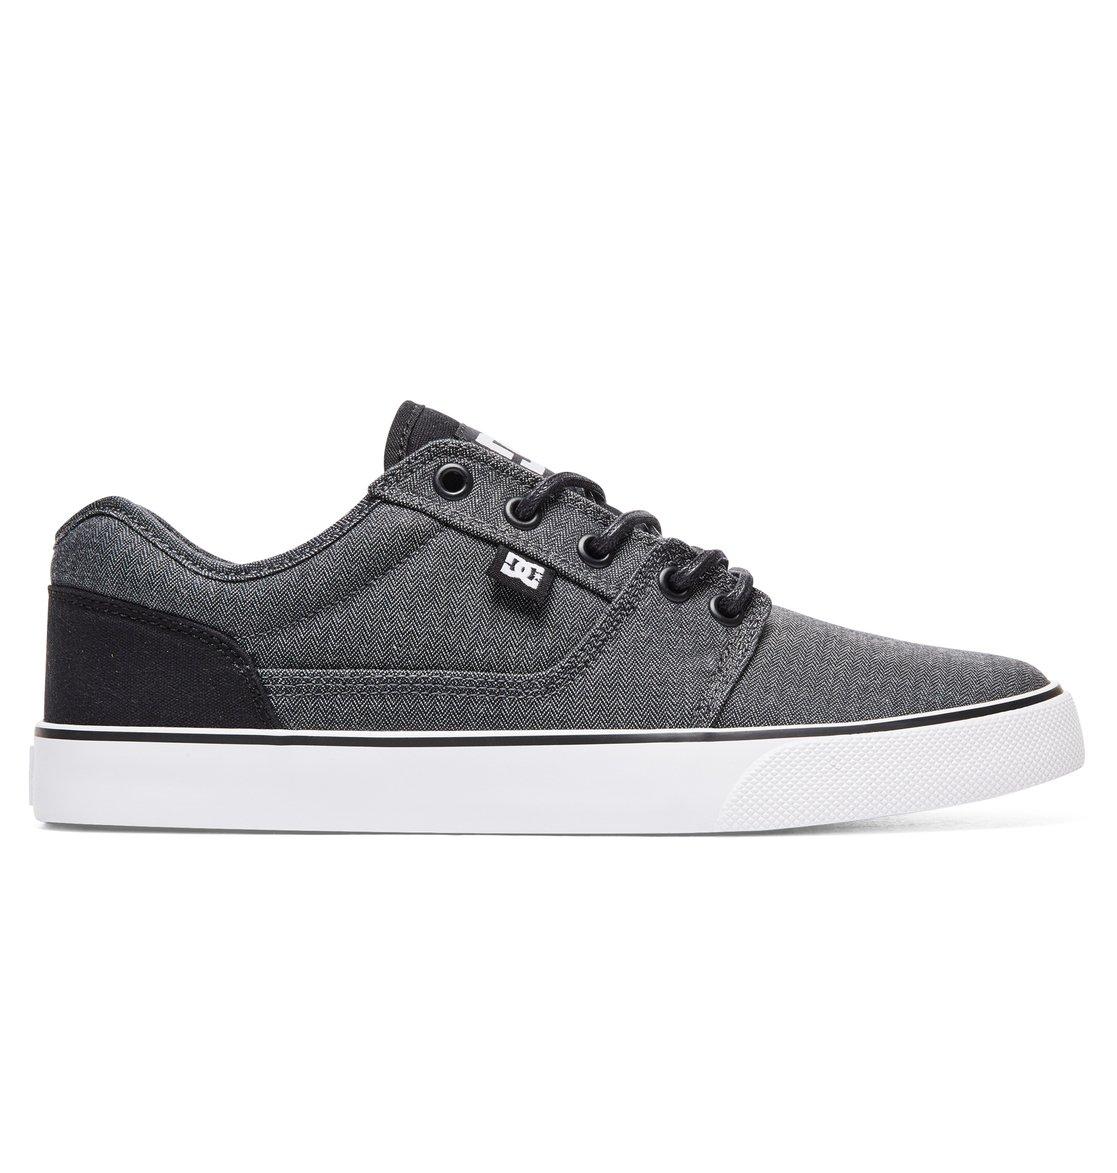 DC Shoes TONIK TX SE Negro h3Bkm57vi